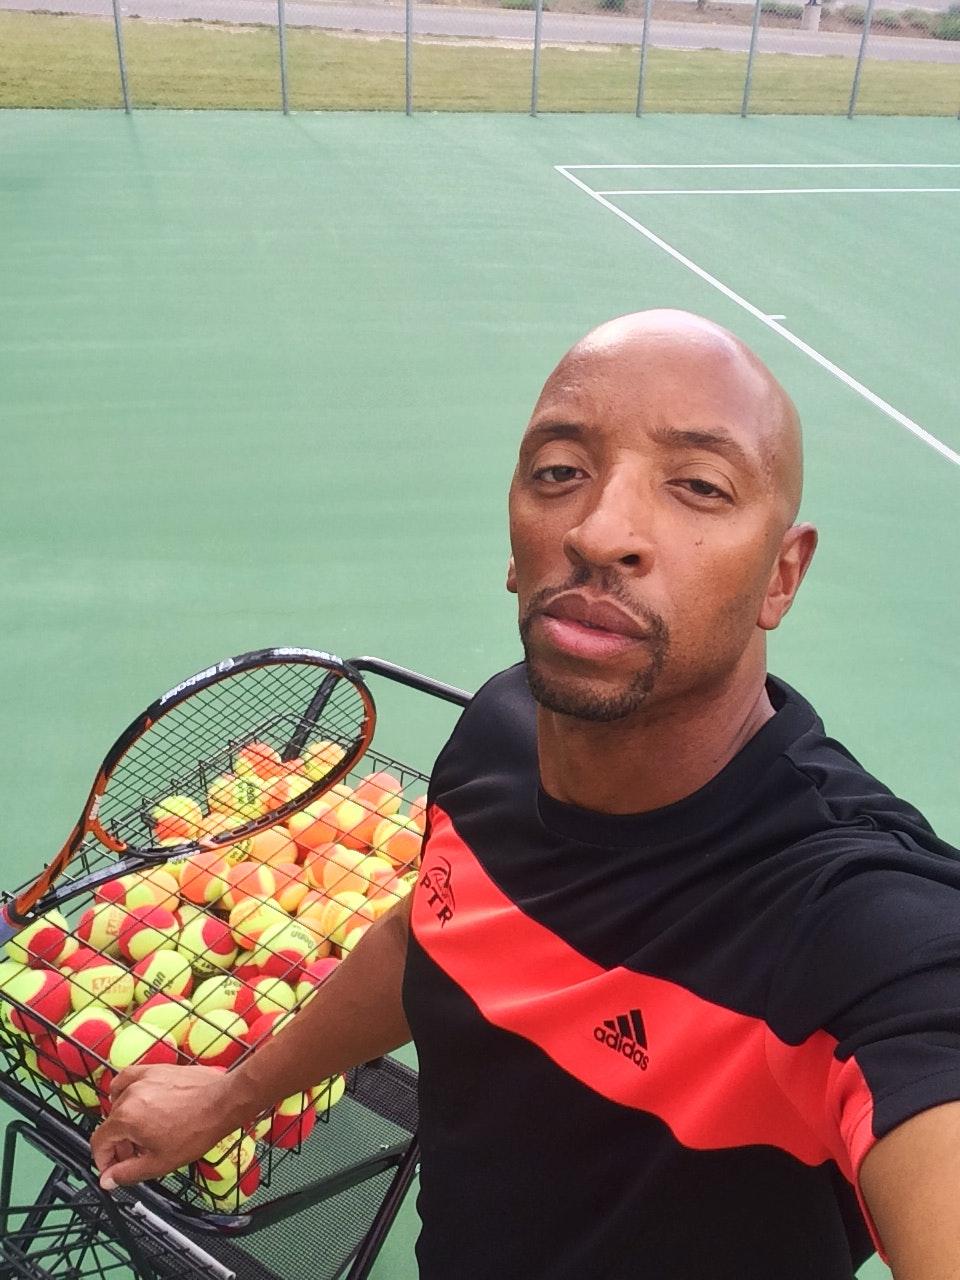 Noel W. teaches tennis lessons in Denver, CO